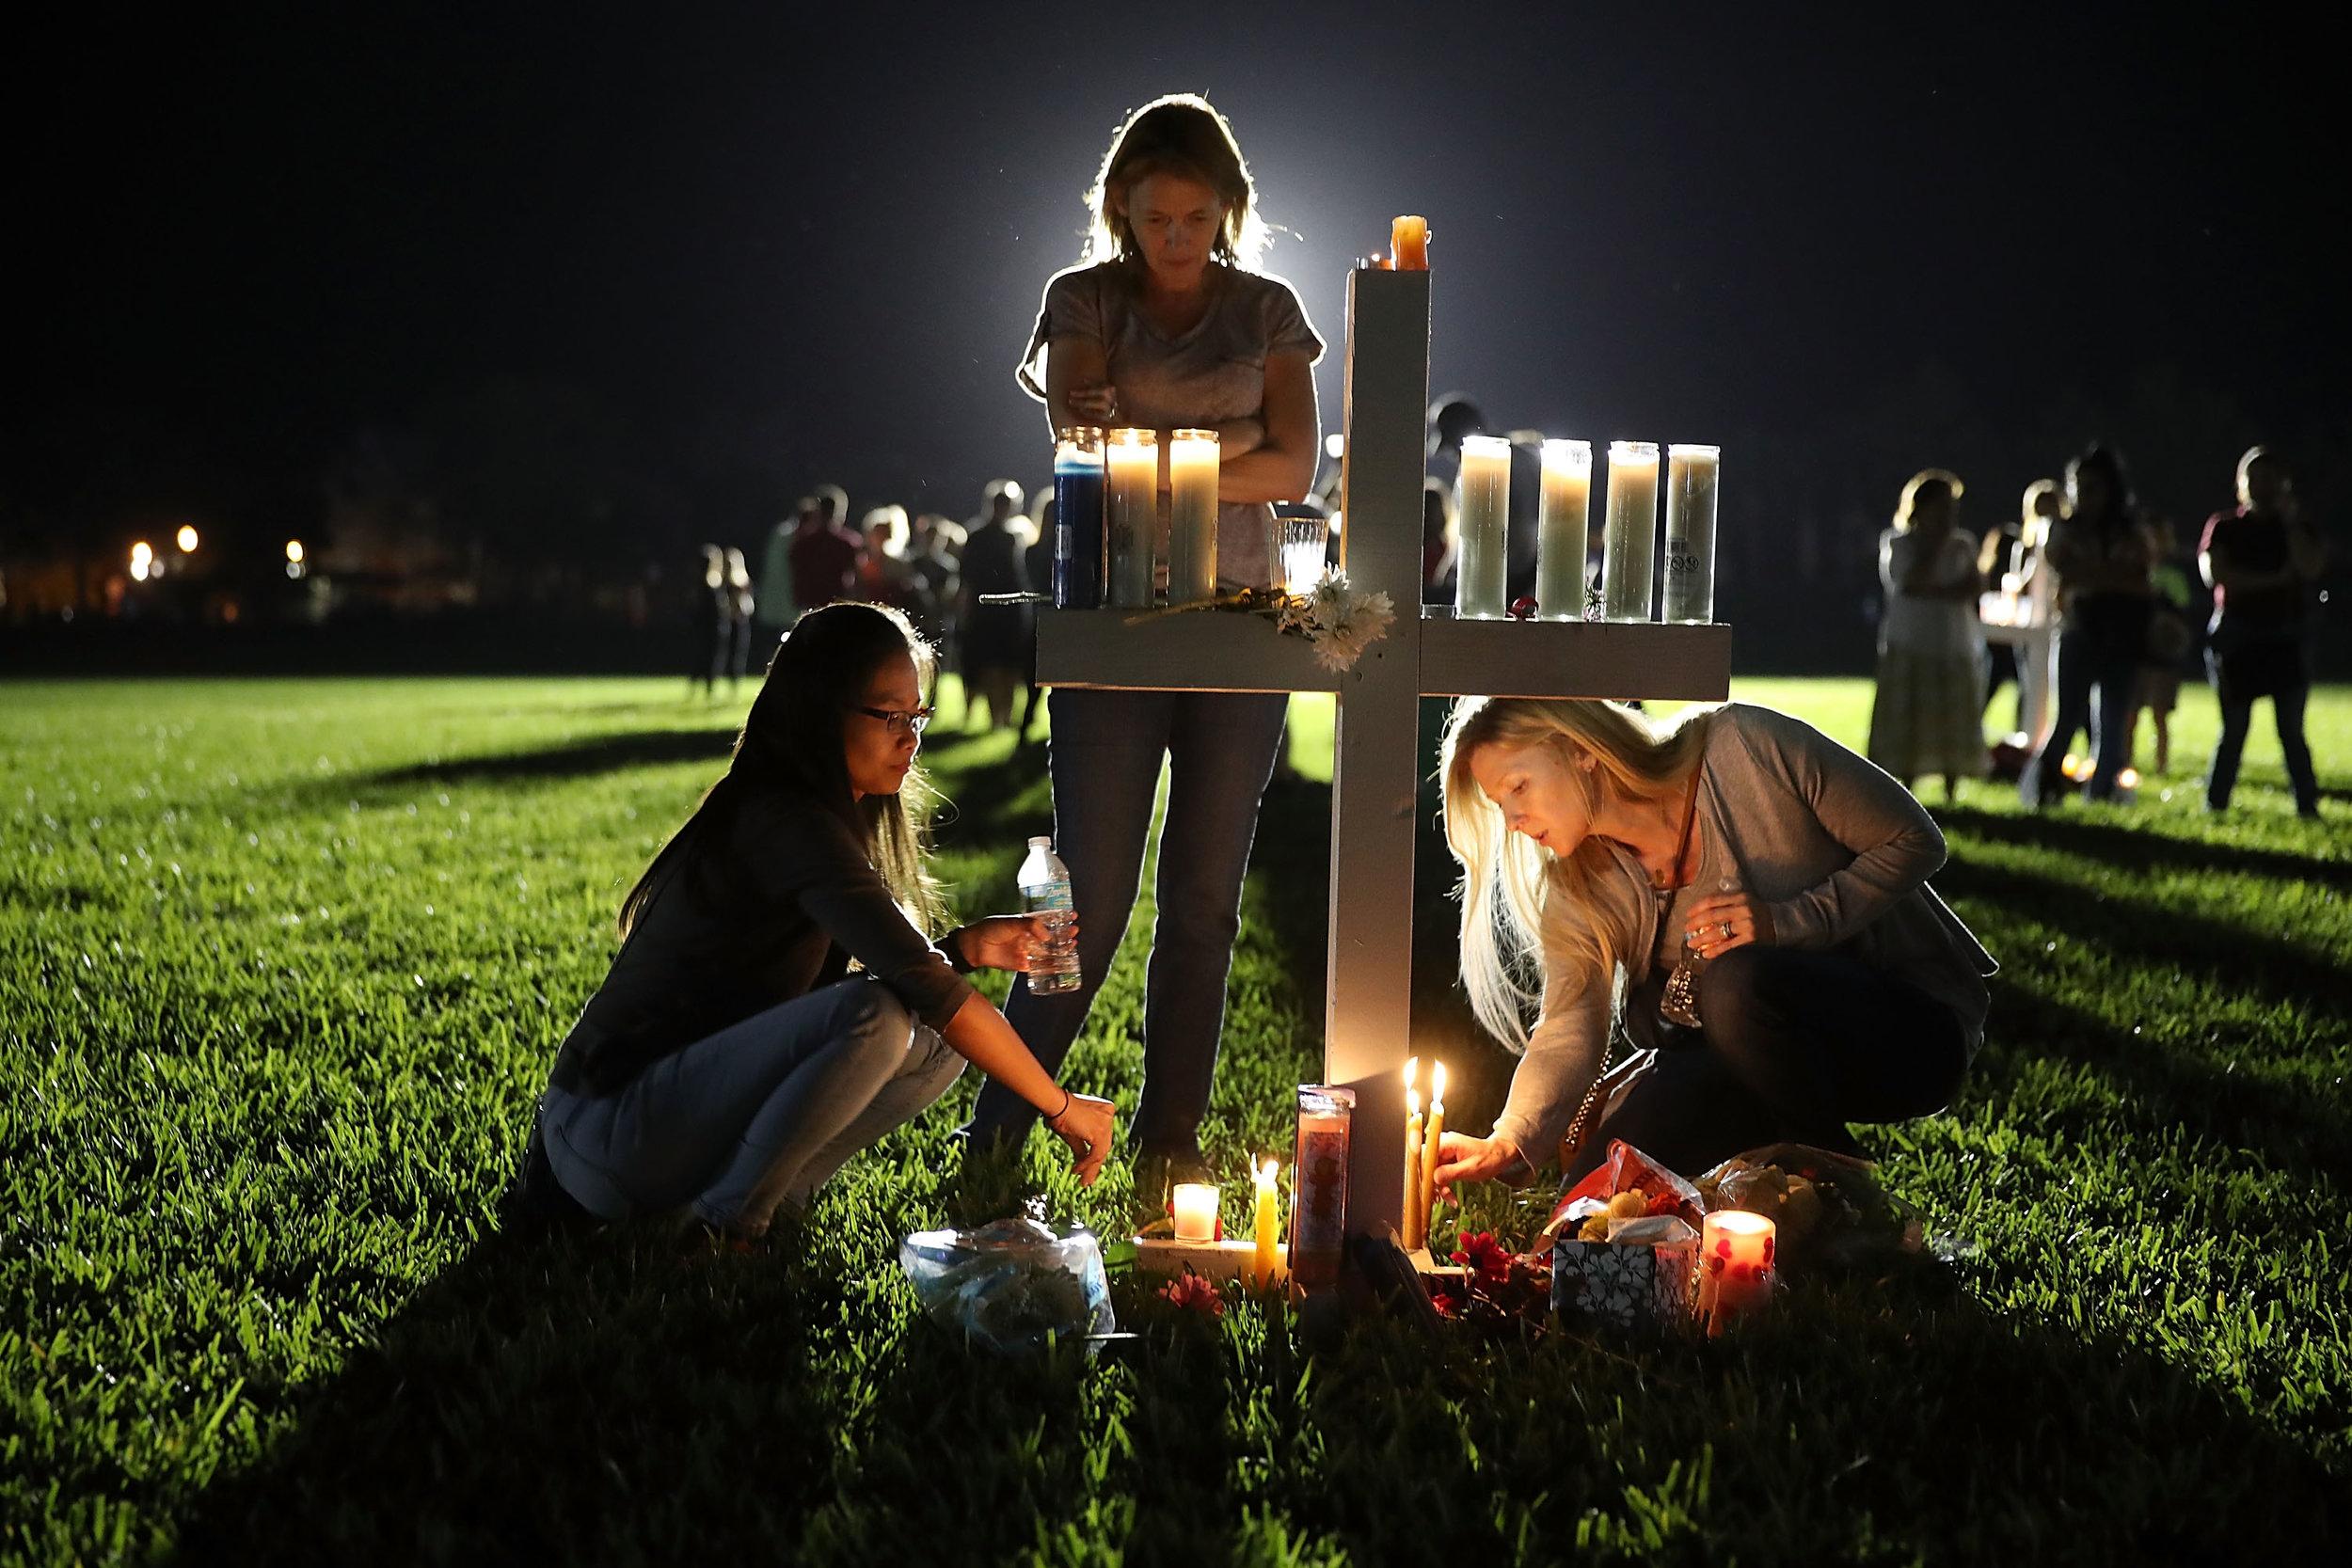 Image Credit:  Denver Post